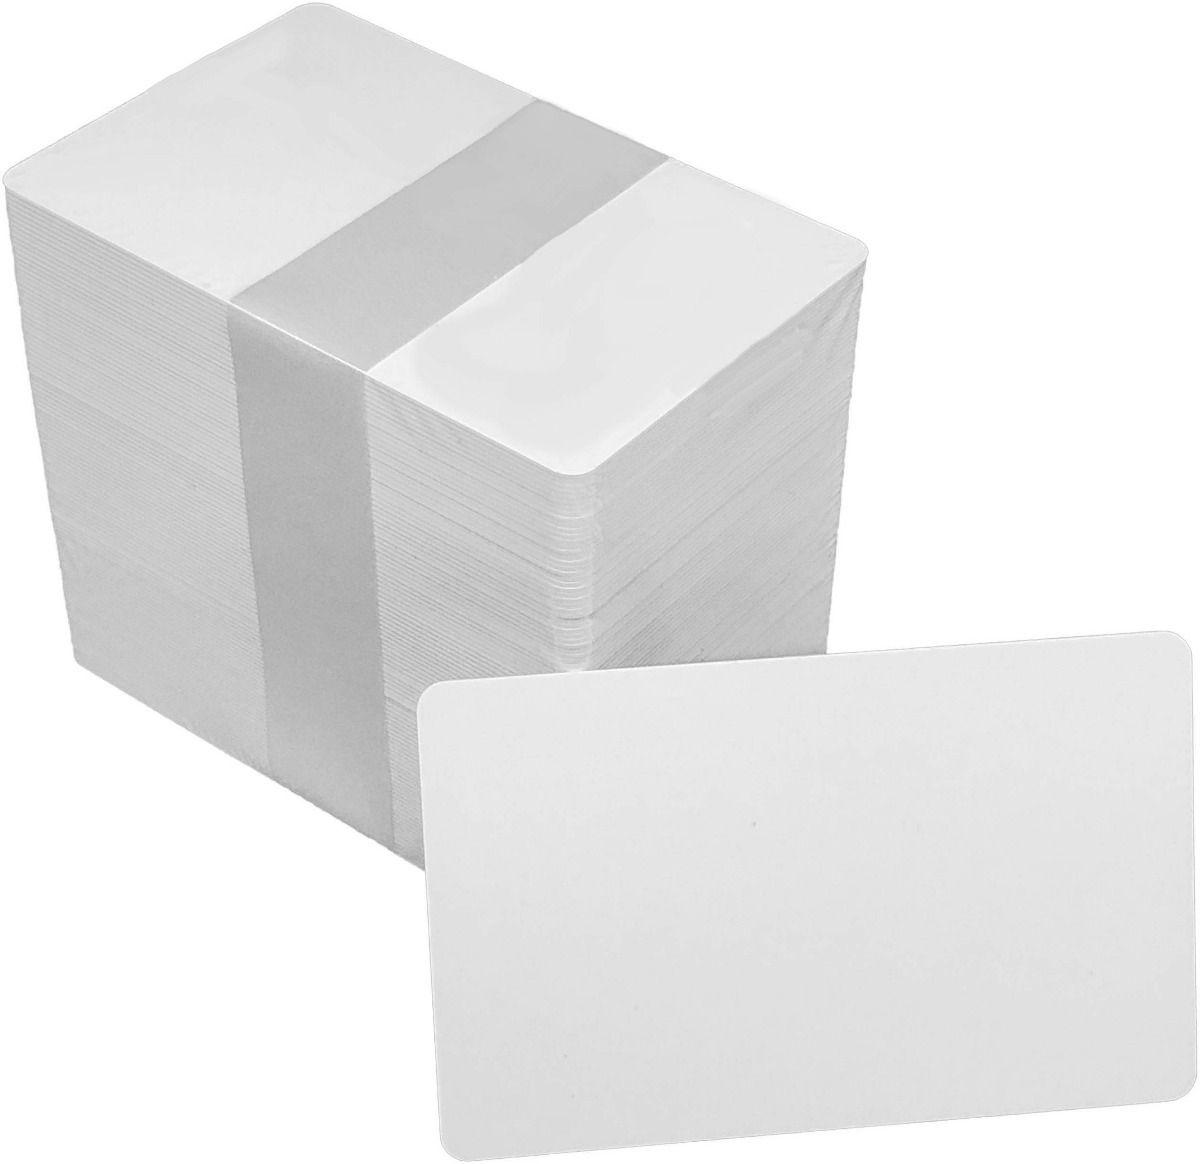 Cartão de Pvc Branco para Crachá 54 X 86mm 0,76mm - 25 Unid